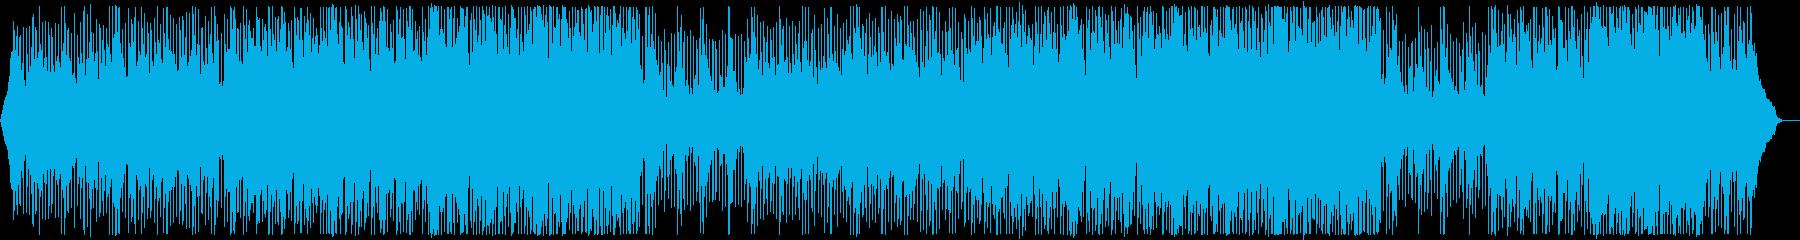 グローバル企業風ピアノ&ギター:フルx2の再生済みの波形